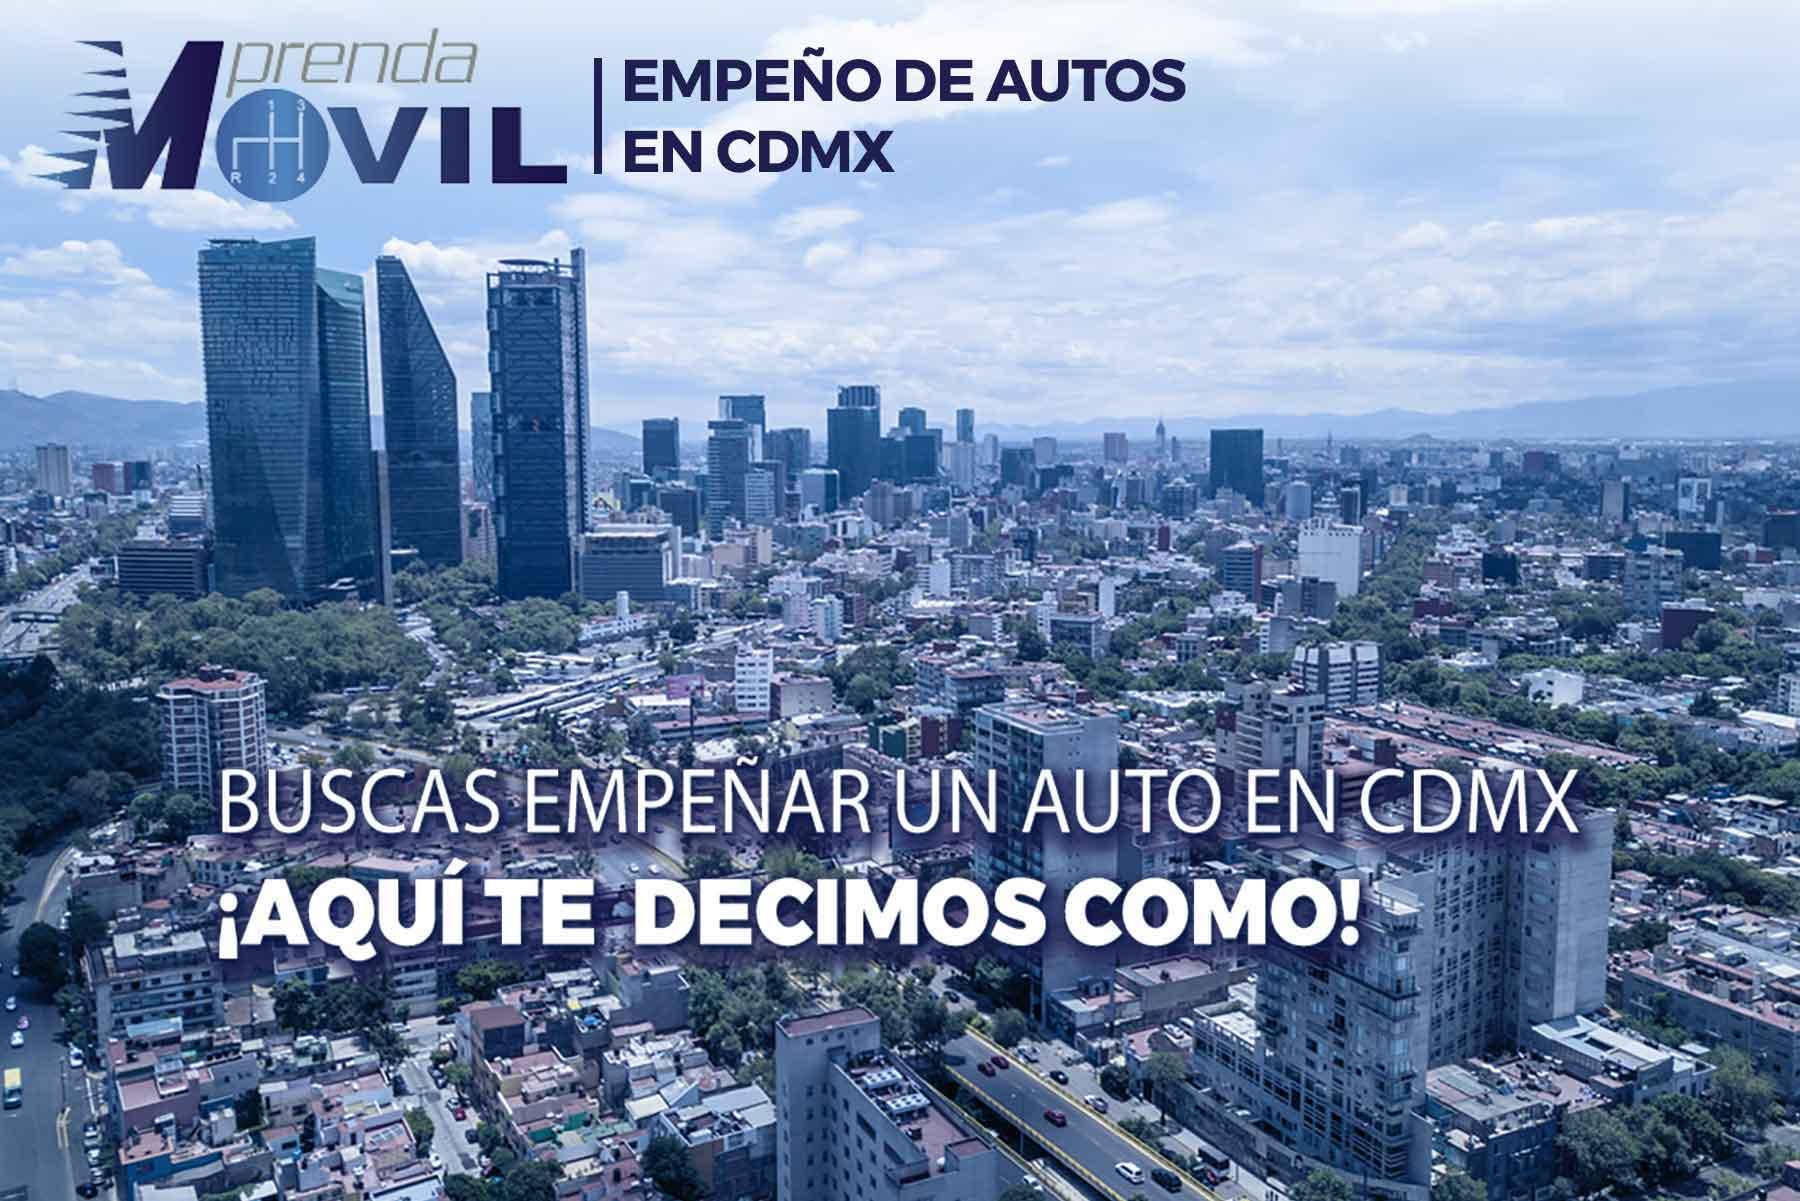 EMPEÑO DE AUTOS EN CDMX